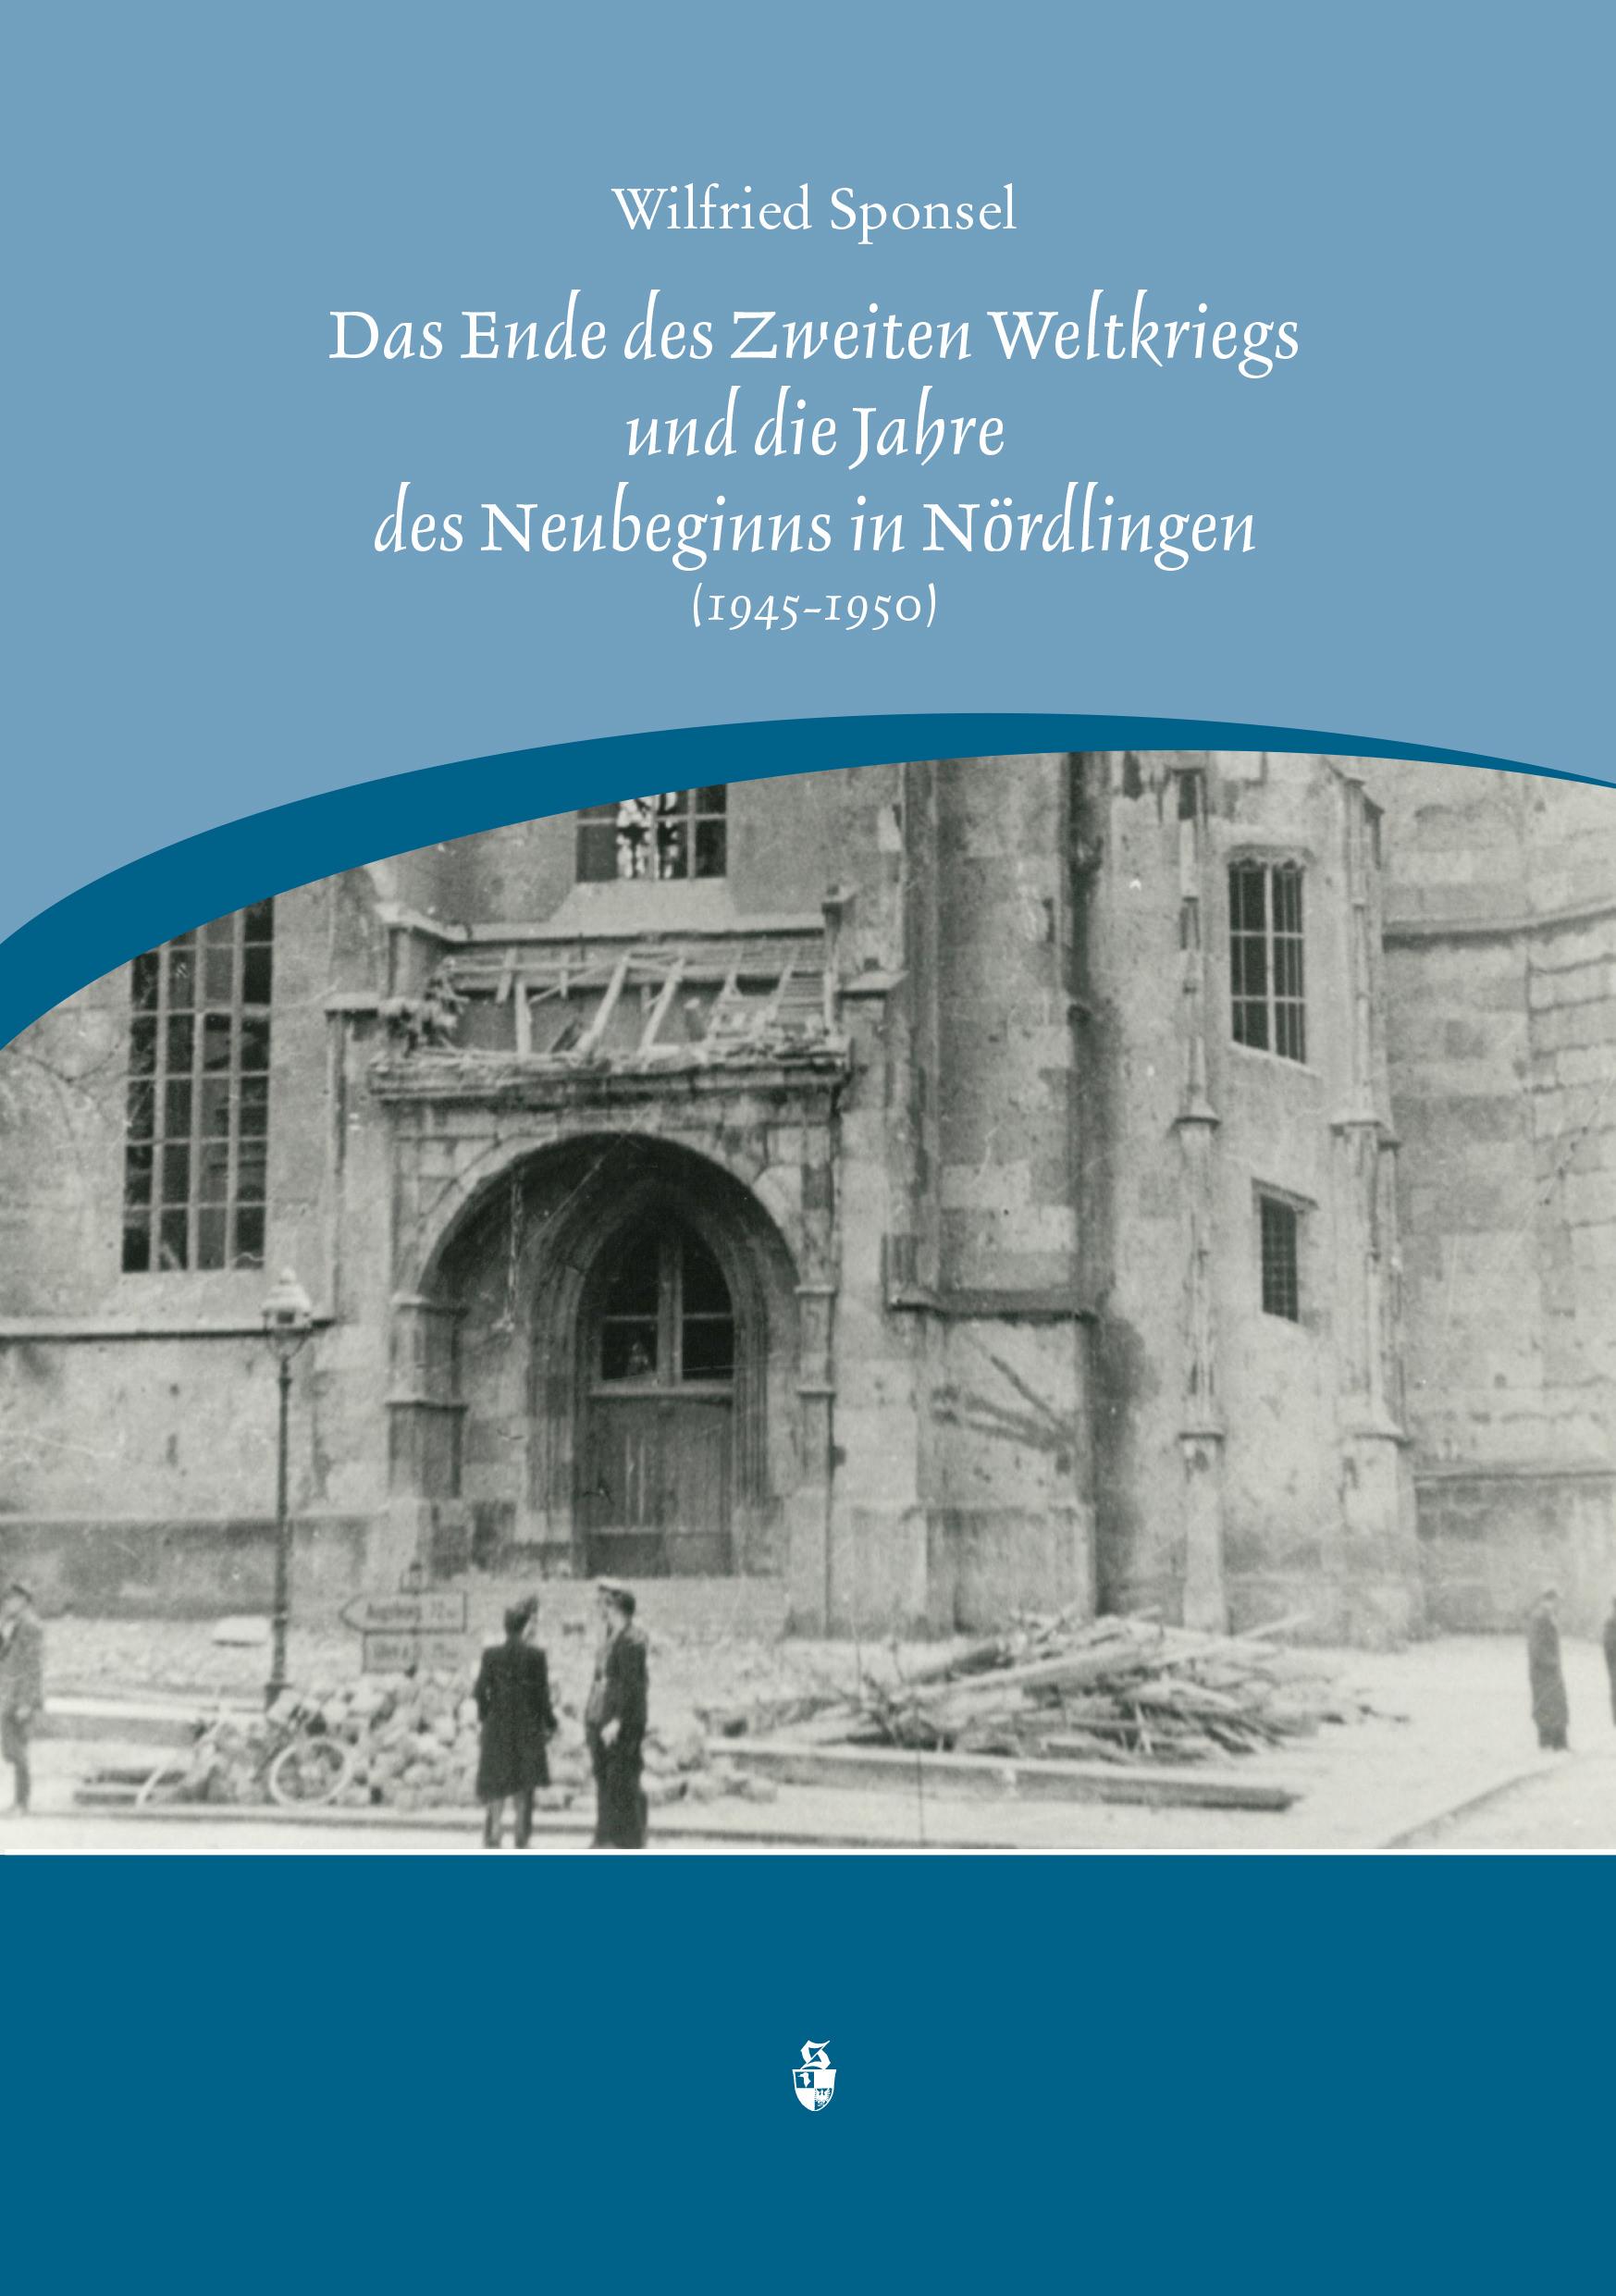 Sponsel Wilfried - Das Ende des Zweiten Weltkrieges und die Jahre des Neubeginnes in Nördlingen (1945-1950)